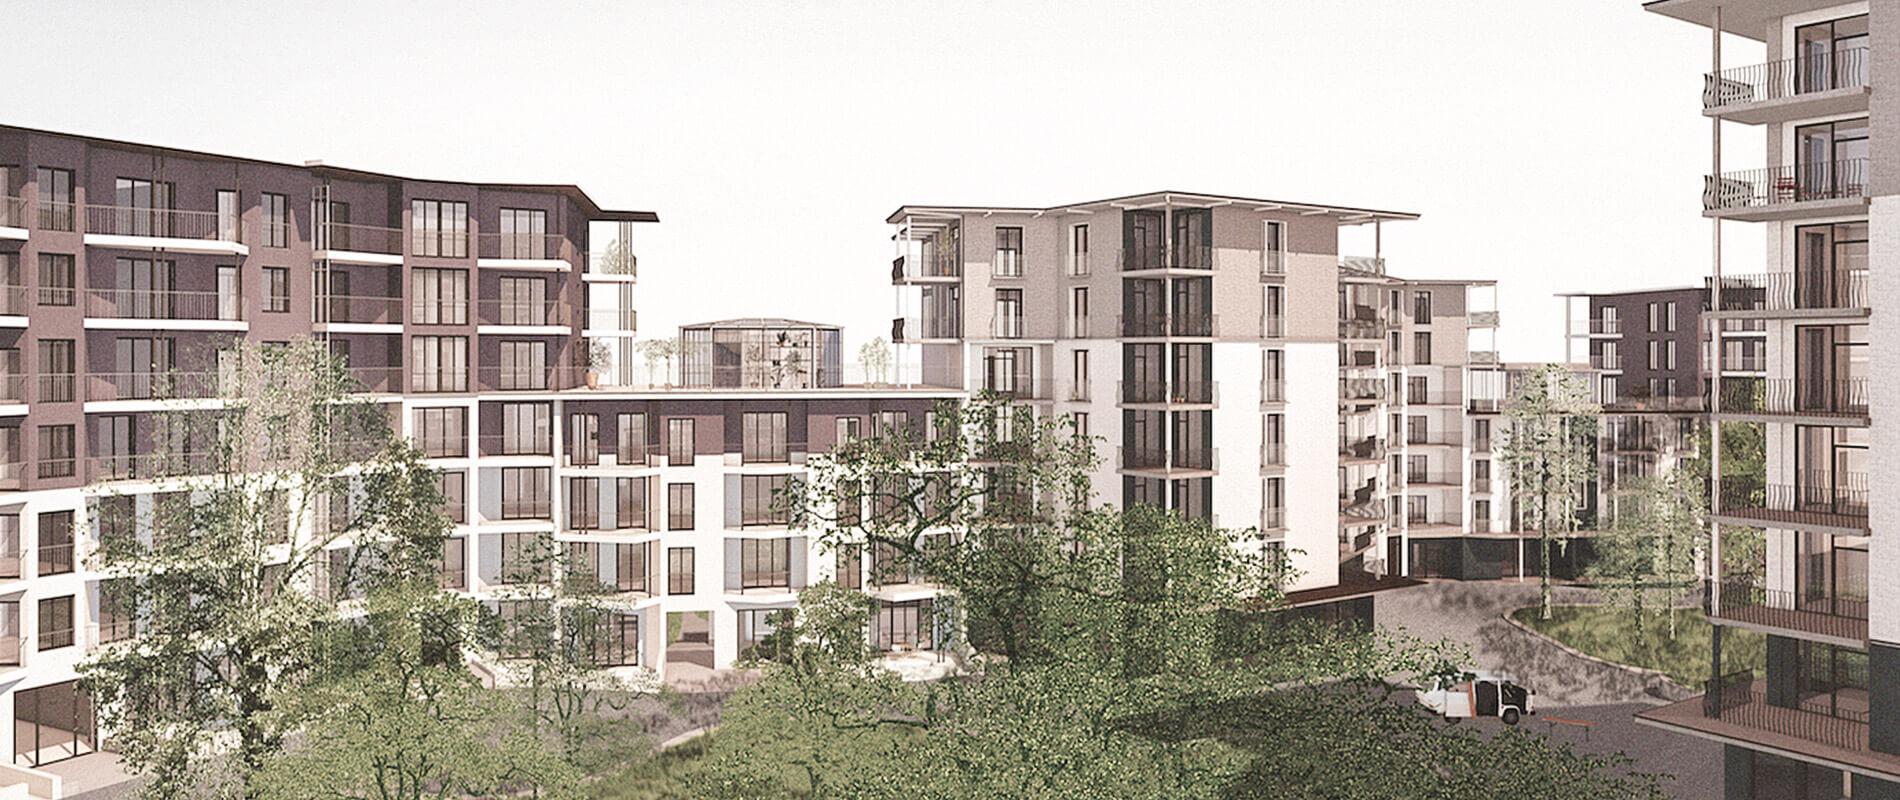 Neubauprojekt Gartensiedlung Frohburg | Zürich | Referenz |Ettinger Partner